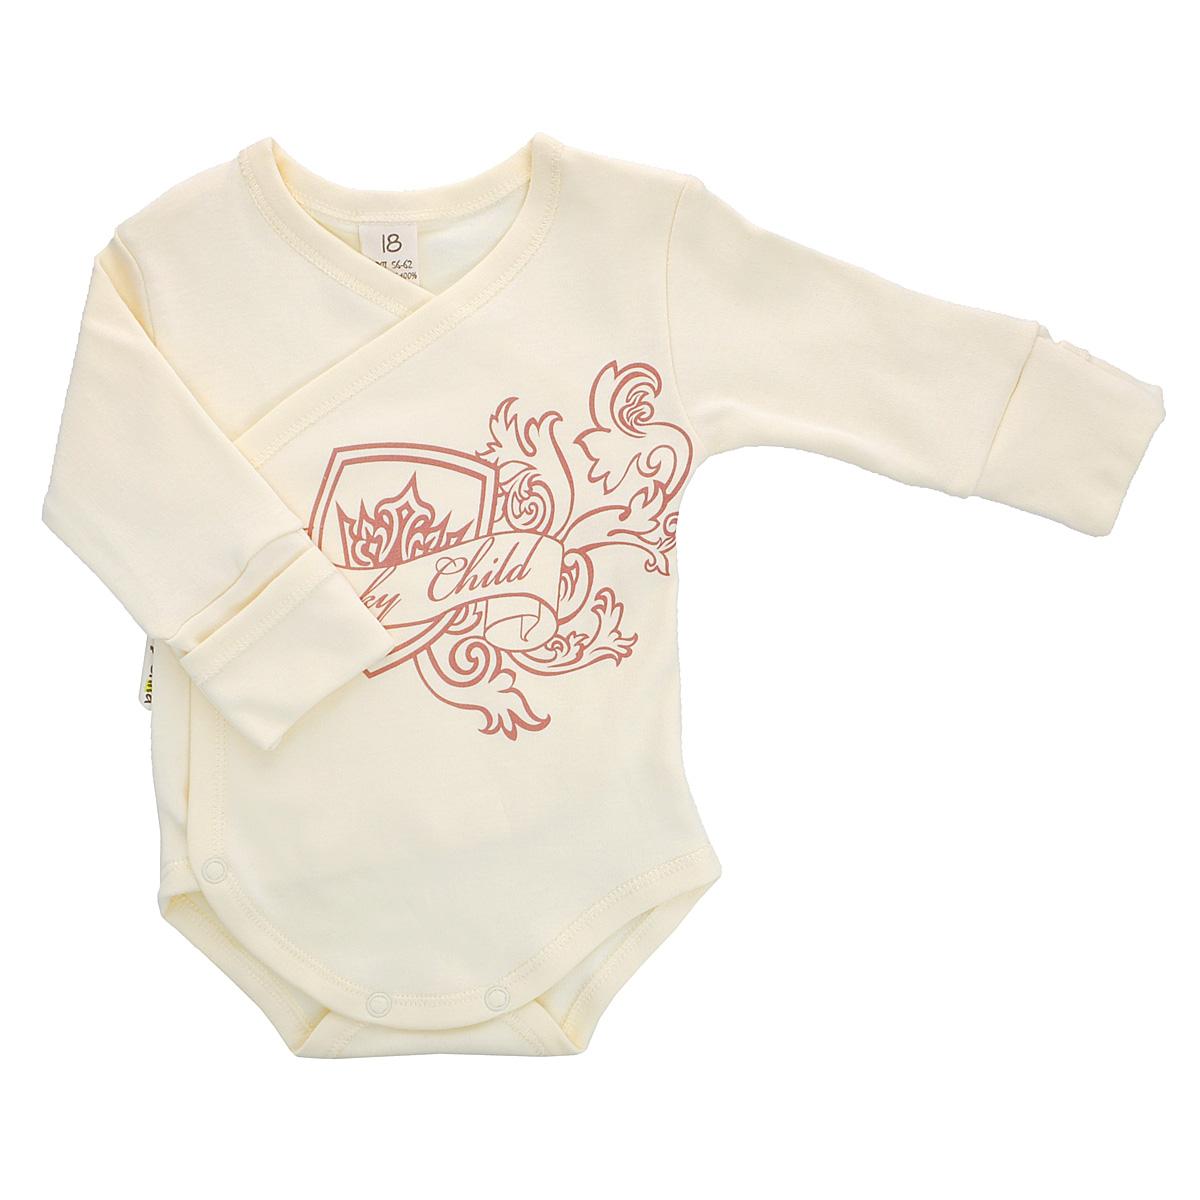 Боди детское. 6-56-5Детское боди Lucky Child с запахом и длинными рукавами послужит идеальным дополнением к гардеробу младенца, обеспечивая ему наибольший комфорт. Боди изготовлено из натурального хлопка, благодаря чему оно необычайно мягкое и легкое, не раздражает нежную кожу ребенка и хорошо вентилируется, а эластичные швы приятны телу ребенка и не препятствуют его движениям. Удобные застежки-кнопки по правому боку и на ластовице помогают легко переодеть младенца и сменить подгузник. Рукава дополнены широкими манжетами. Благодаря рукавичкам ребенок не поцарапает себя. Оформлено боди оригинальным принтом. Боди полностью соответствует особенностям жизни малыша в ранний период, не стесняя и не ограничивая его в движениях. В нем ваш ребенок всегда будет в центре внимания.